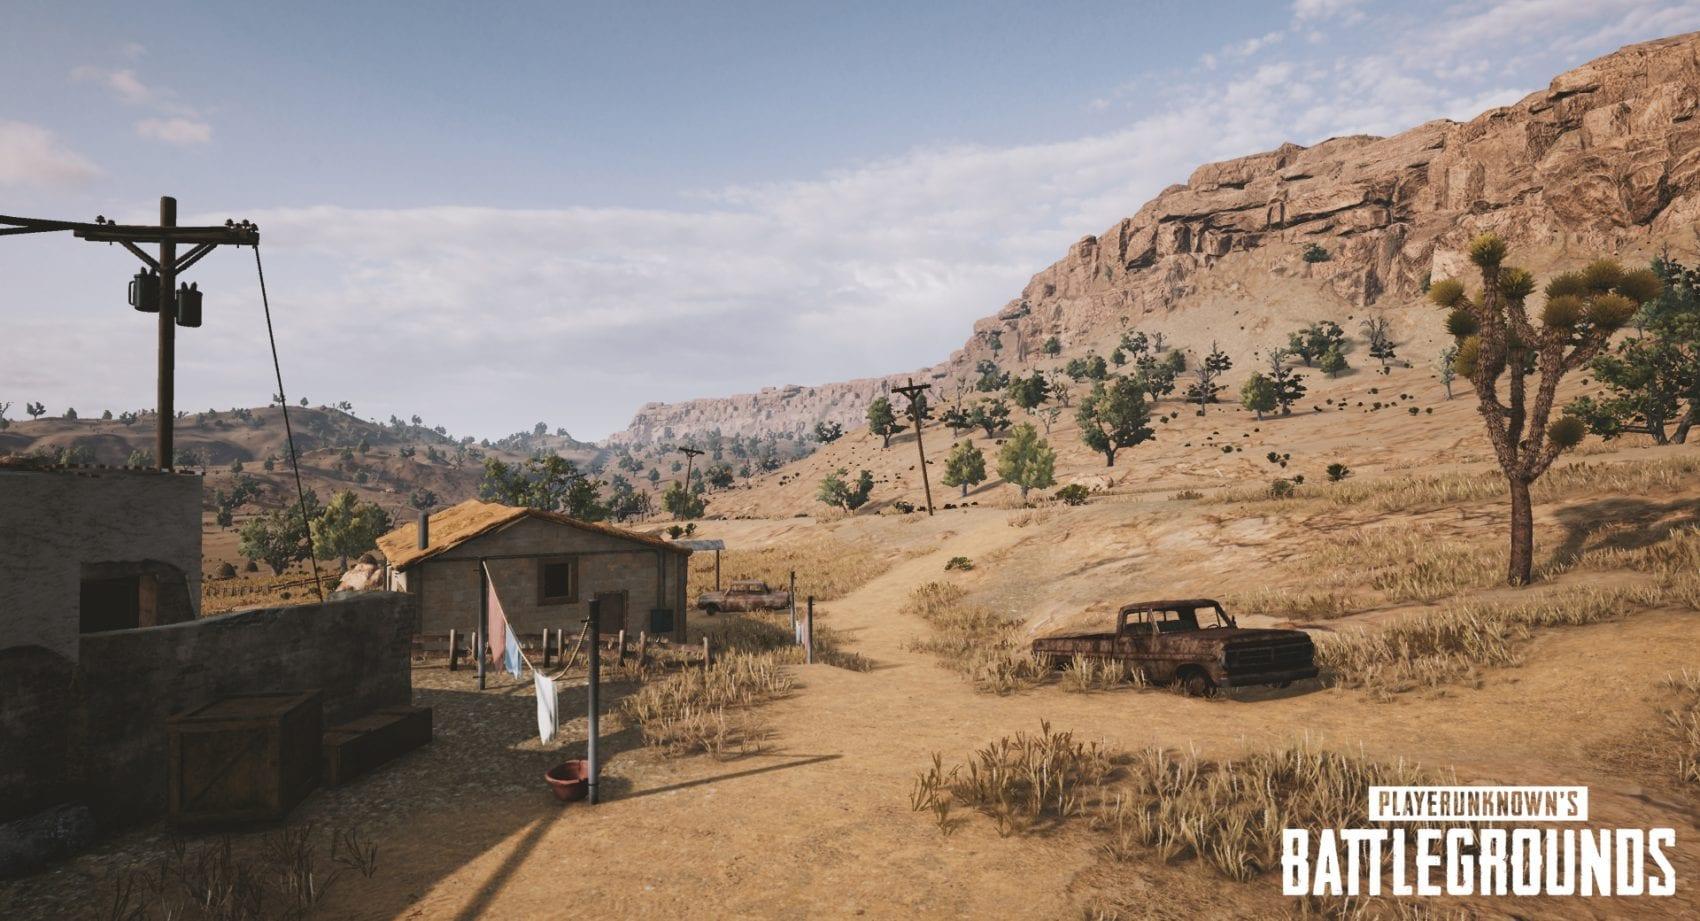 playerunknowns-battlegrounds-nvidia-desert-map-screenshot-003